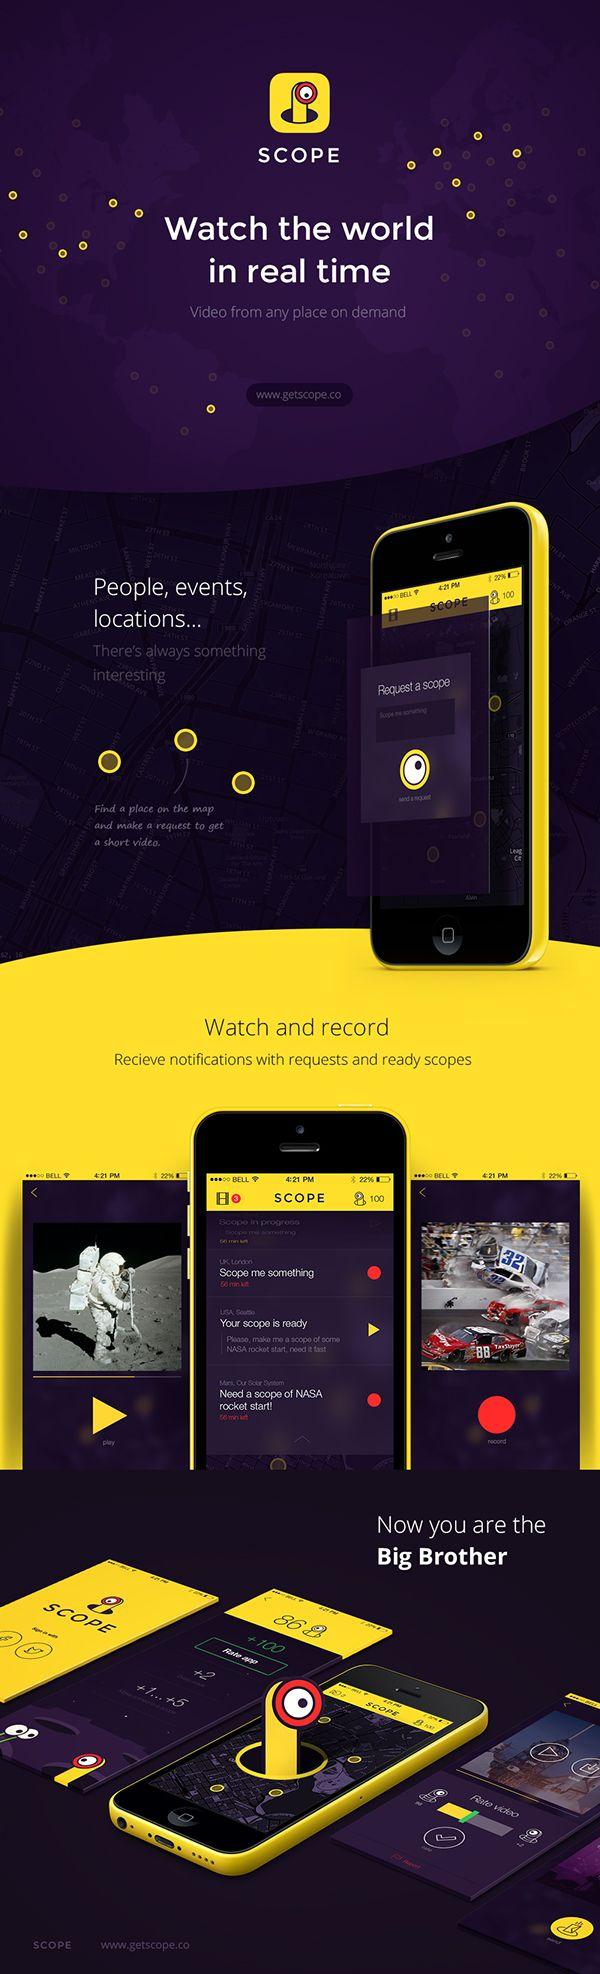 SCOPE - Social Video Messenger by Leonid Vazniuk, via Behance